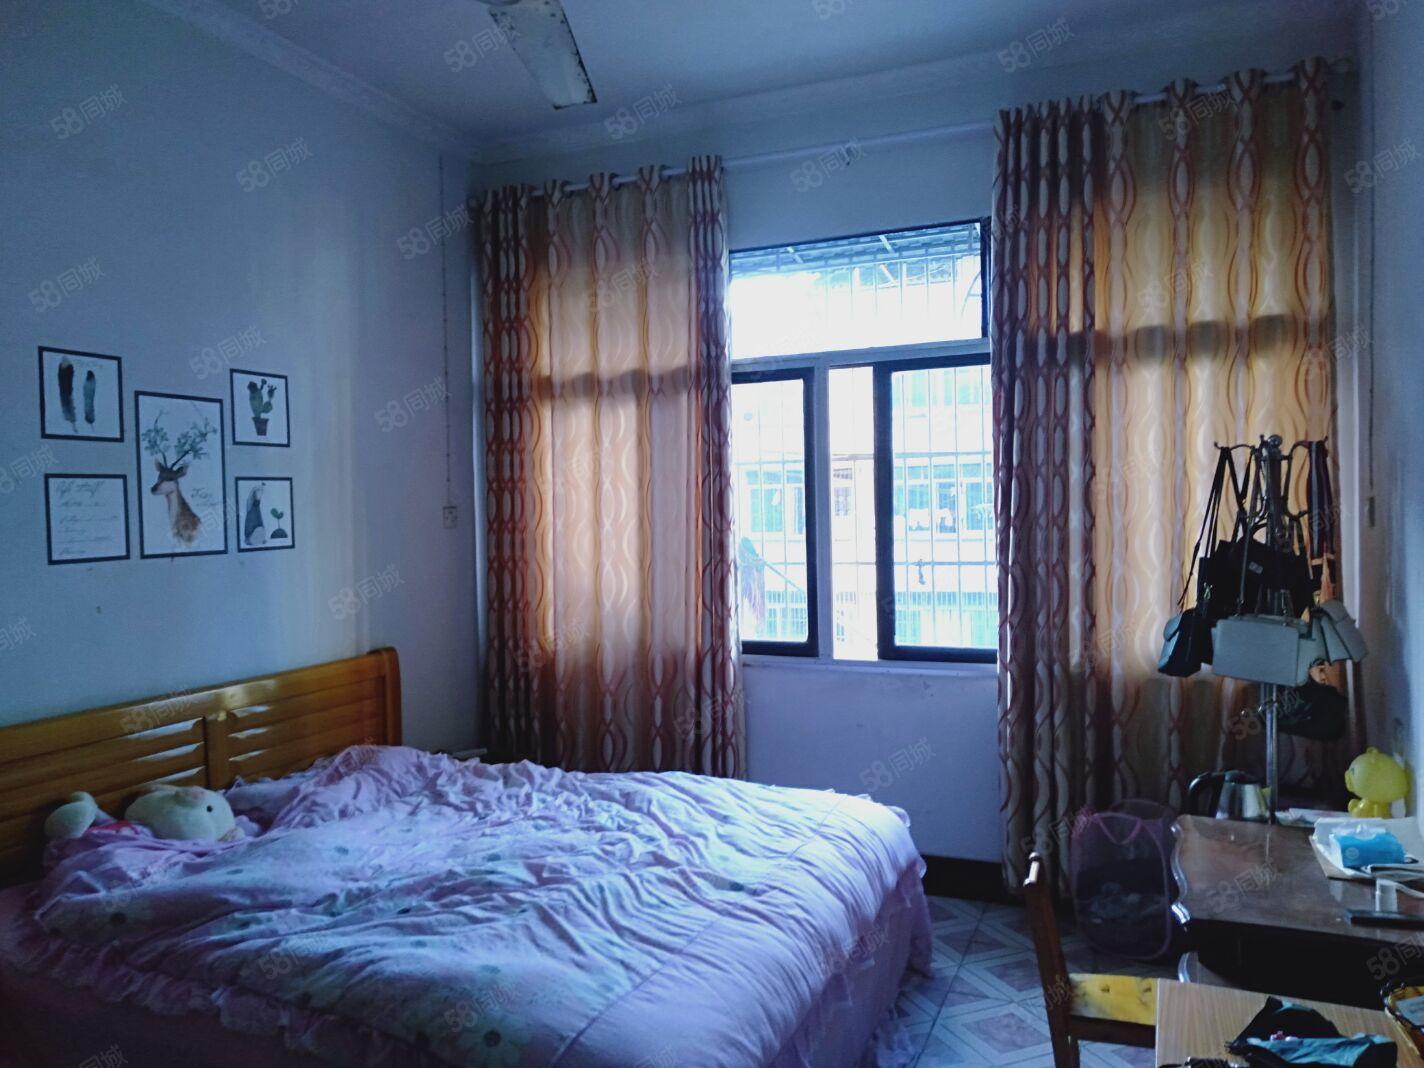 状元街3楼1室1厅1卫50平米随时看房入住